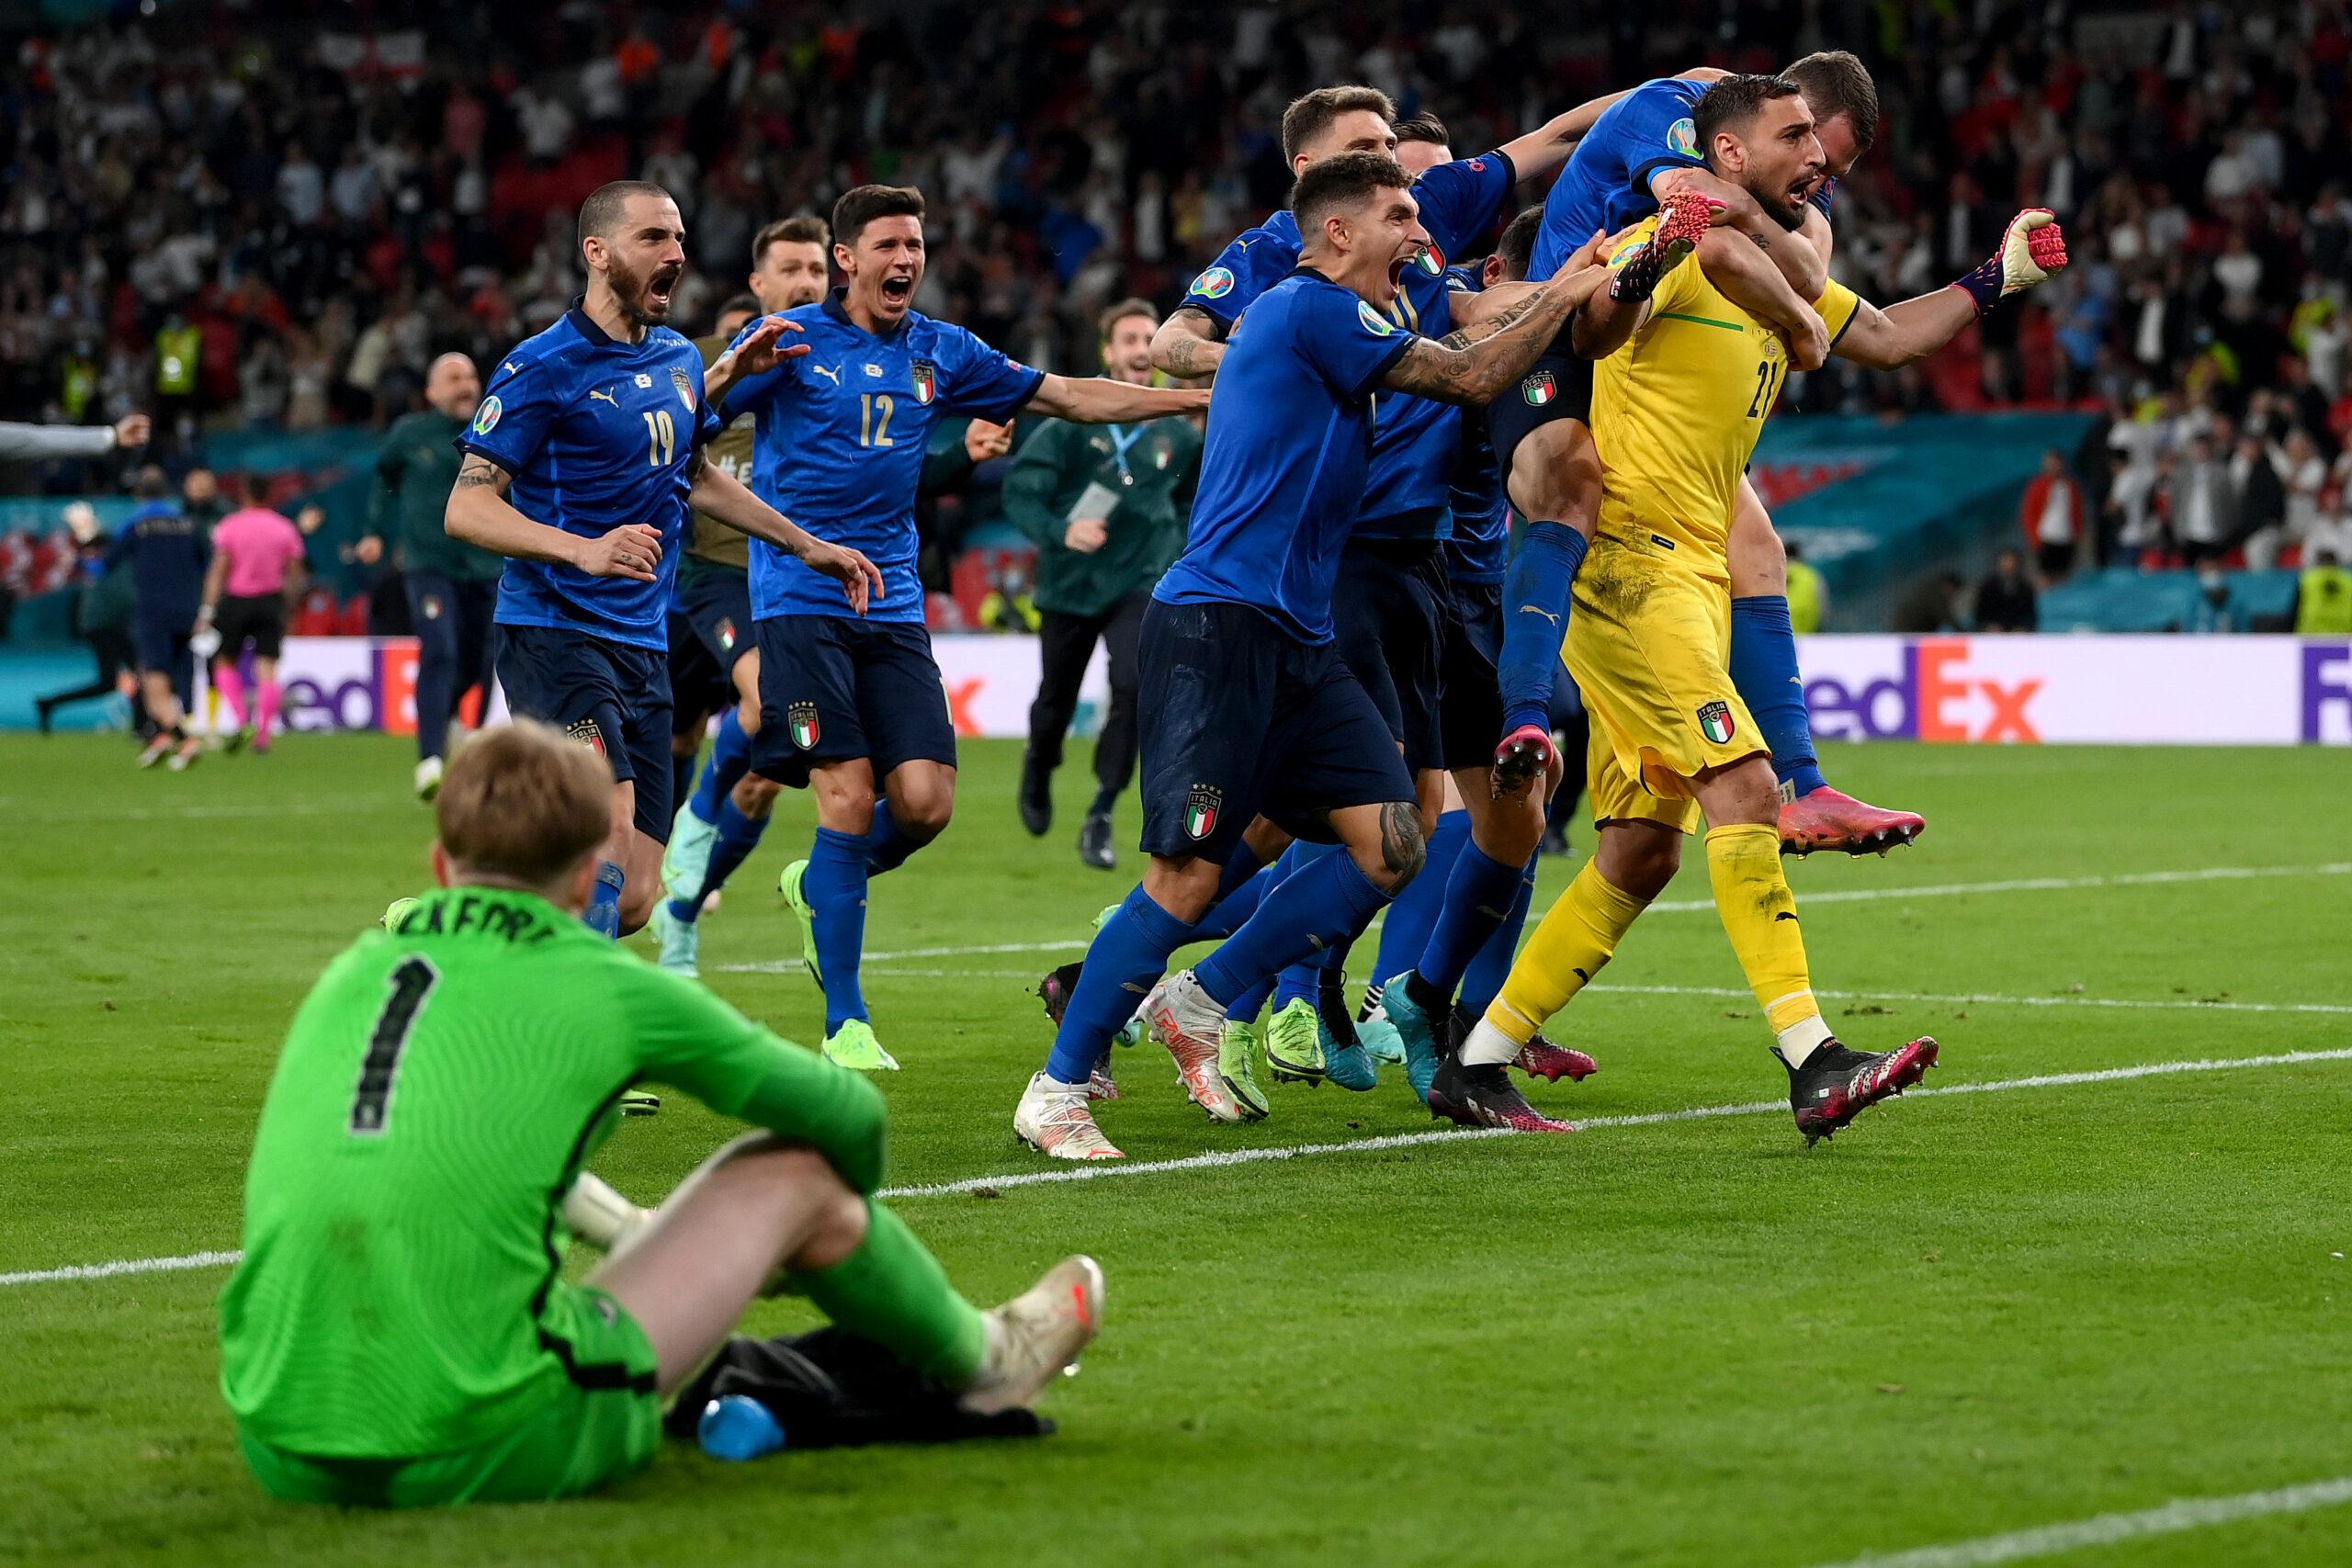 Itália vence a Inglaterra nos pênaltis e conquista a Eurocopa